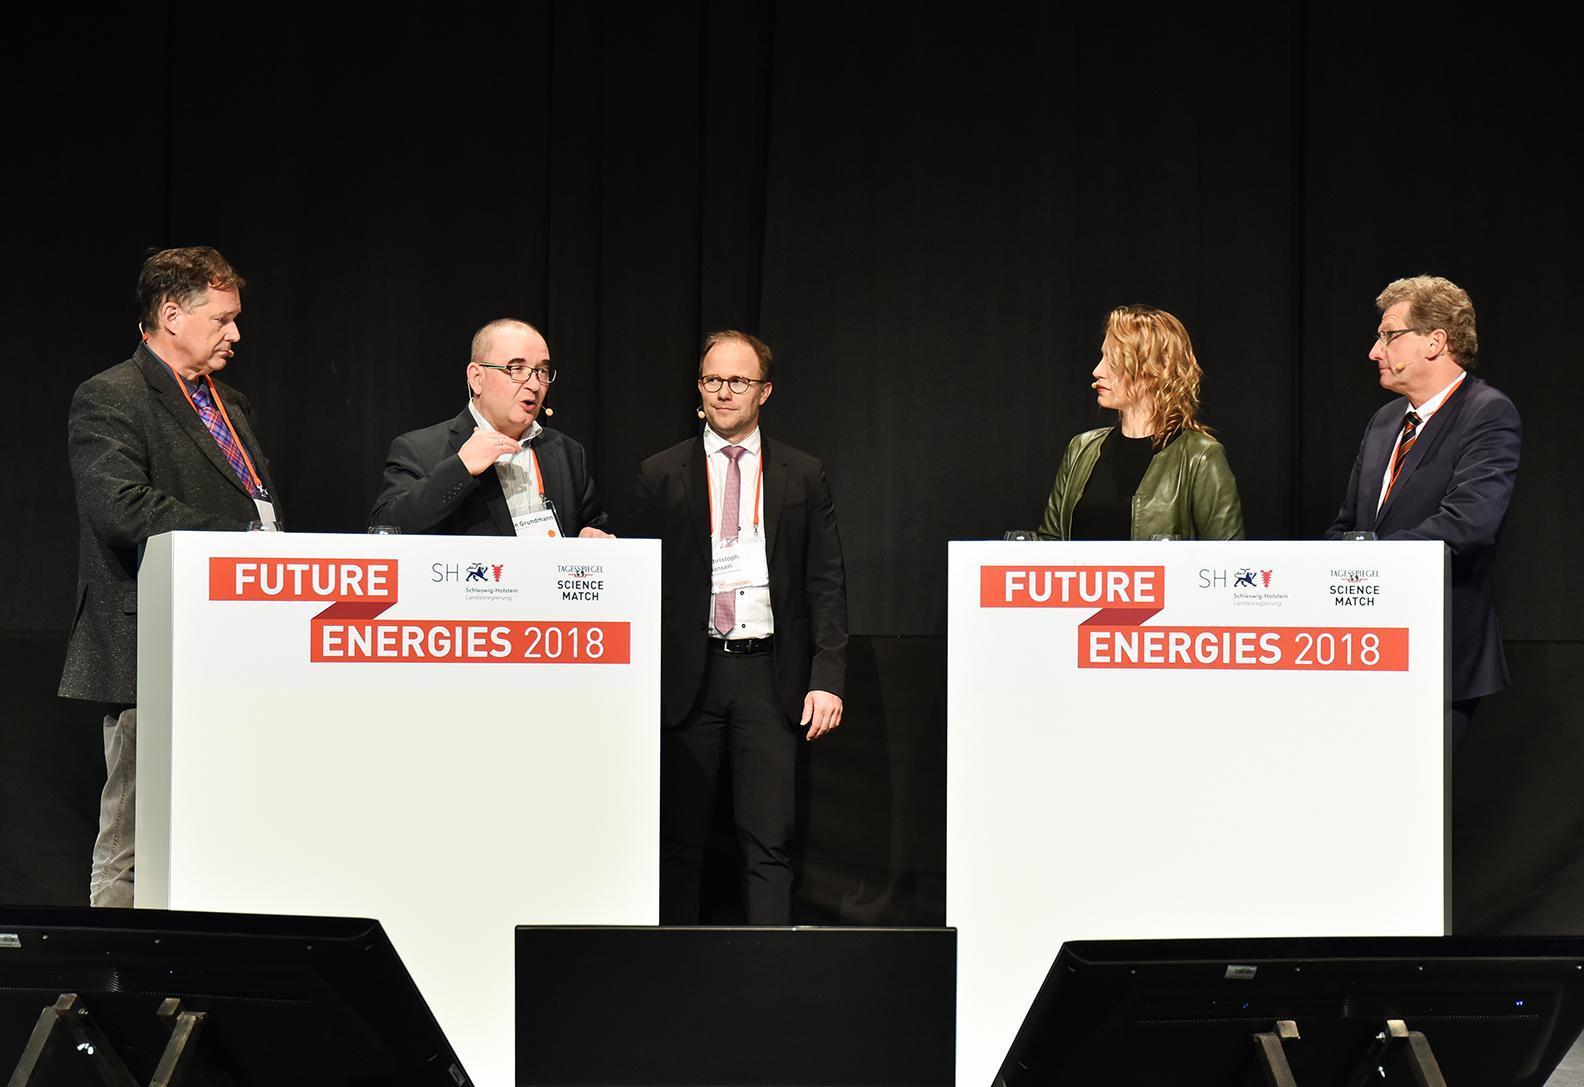 """Das Land Schleswig- Holstein setzt auf Clusterinitiativen und Konferenzen wie die """"Future Energies 2018"""" in Kiel.FOTO: JAN KONITZKI"""